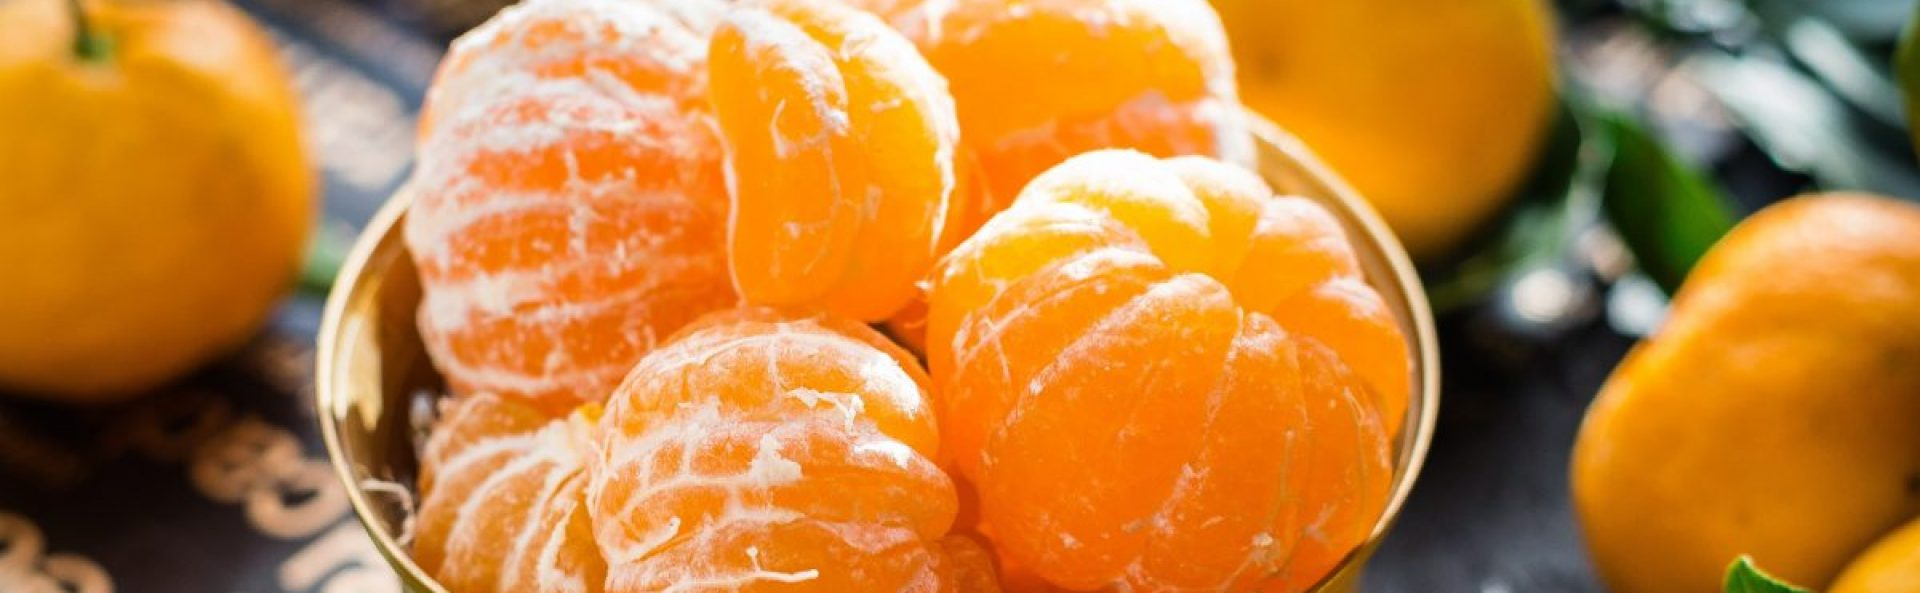 Canadian Citrus